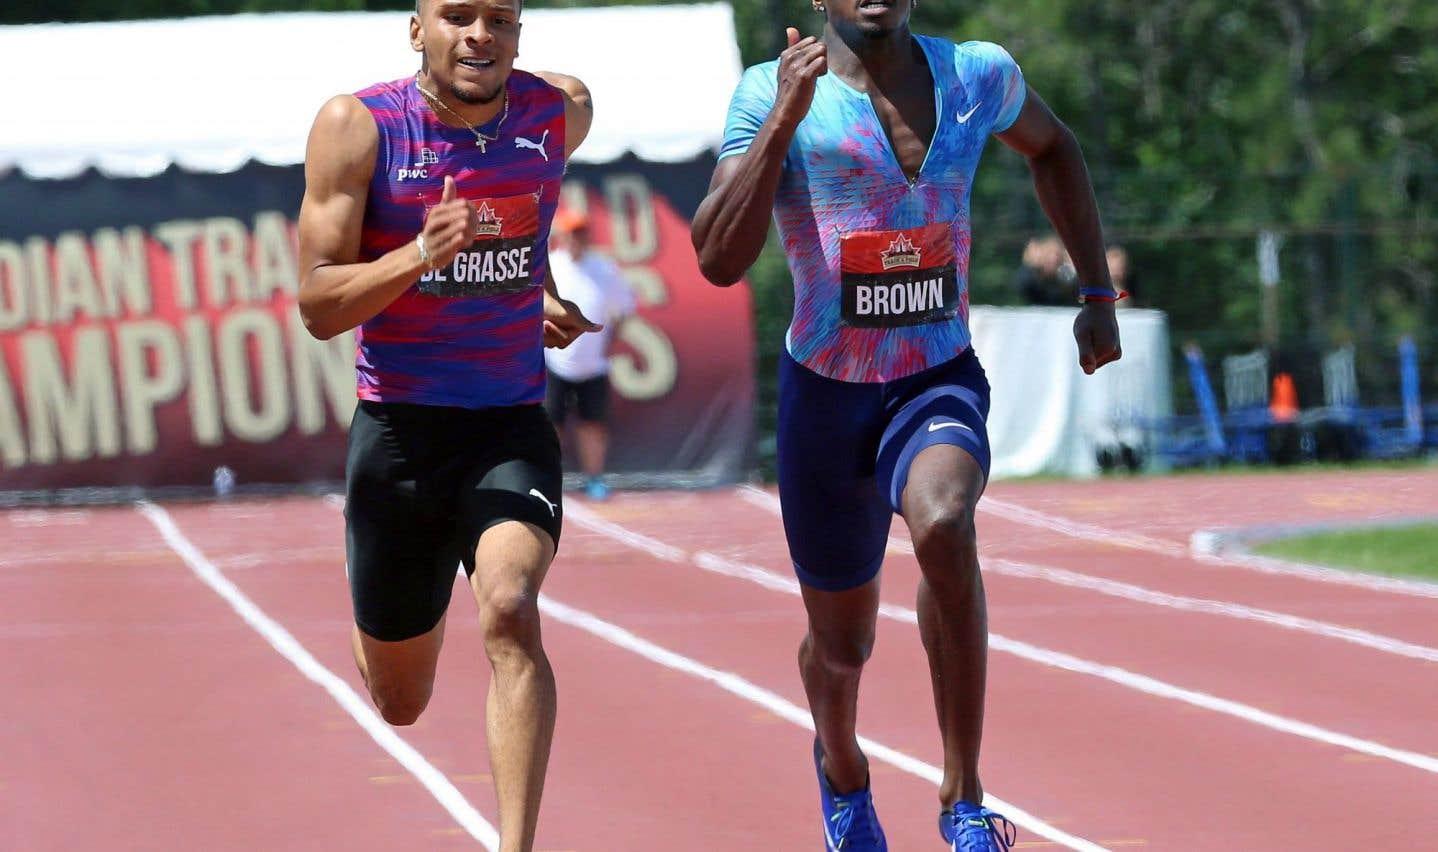 De Grasse obtient un 2etitre national aux Championnats canadiens d'athlétisme